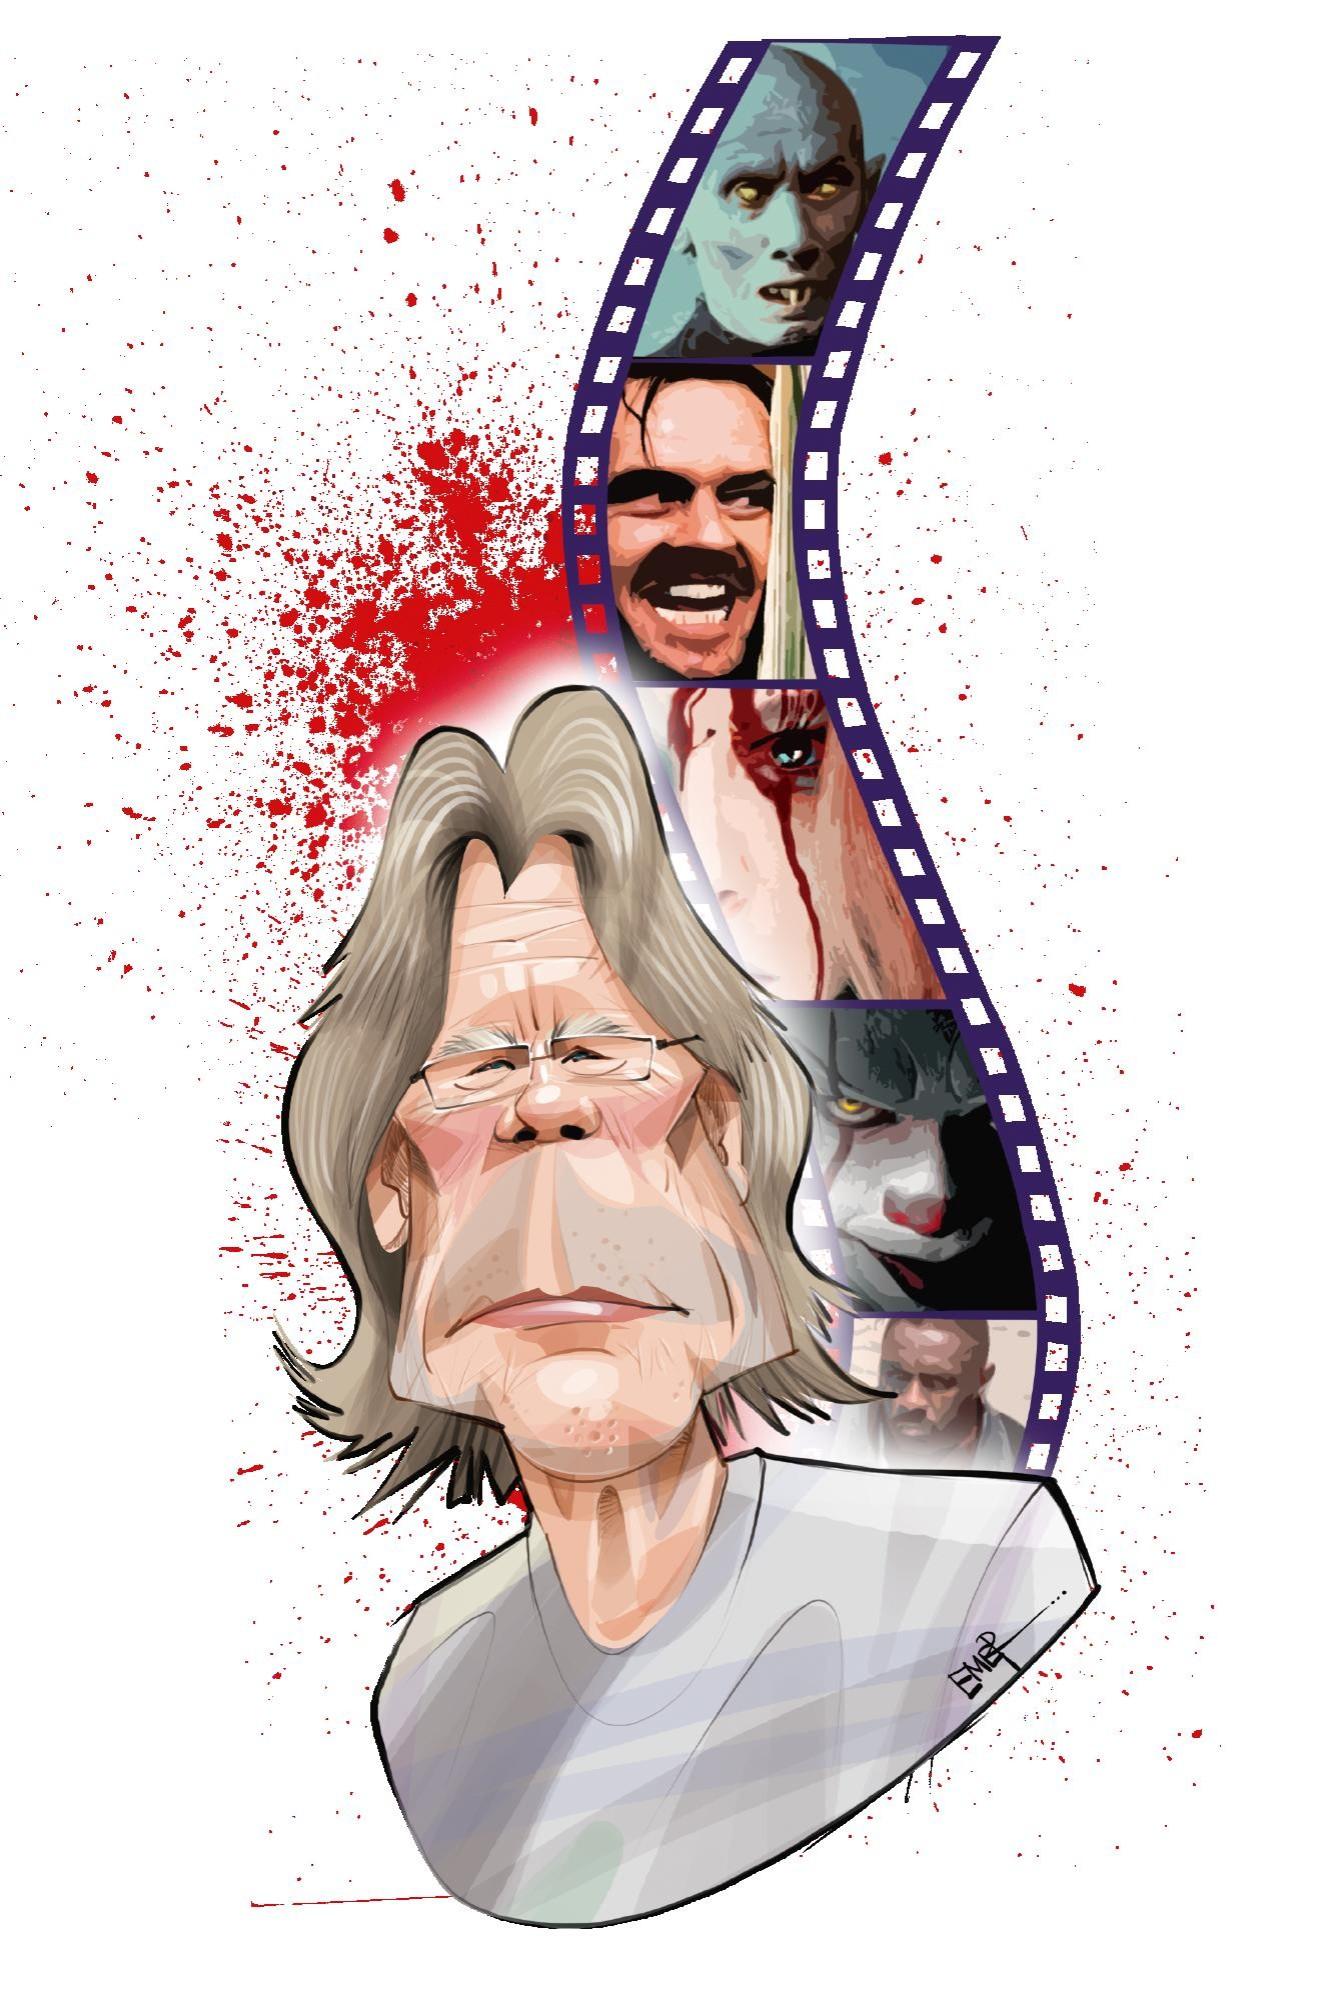 Stephen King o el terror hecho tinta